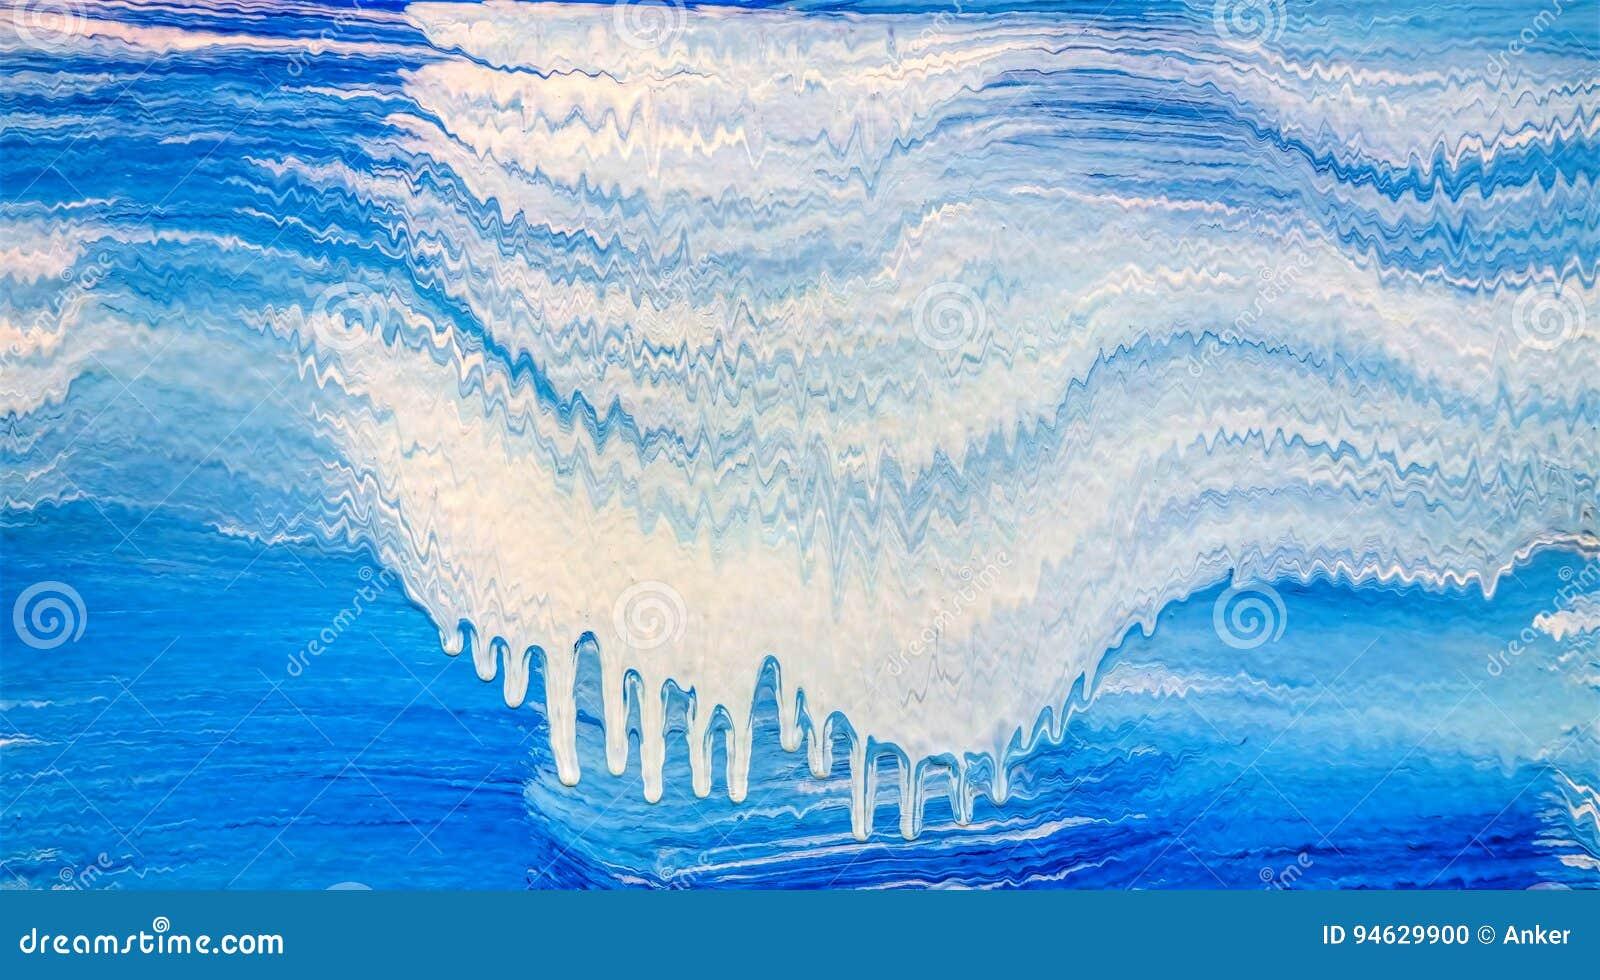 El modelo de acrílico de la raya con azul y blanco agita